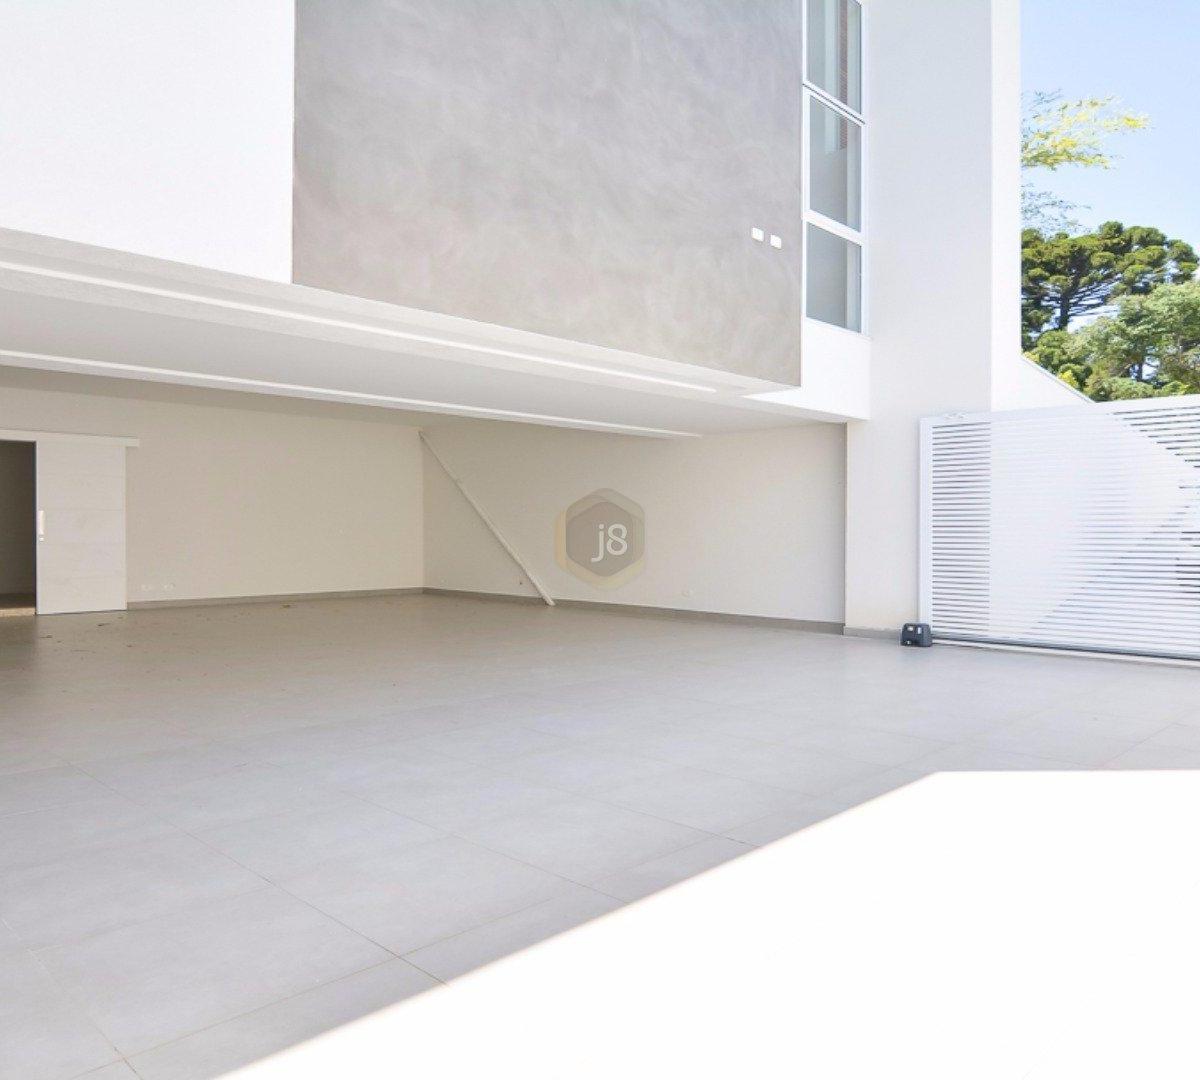 Paraná Curitiba Campo Comprido Casa à venda no Campo Comprido #707F4D 1200x1080 Banheiro Comprido Com Banheira